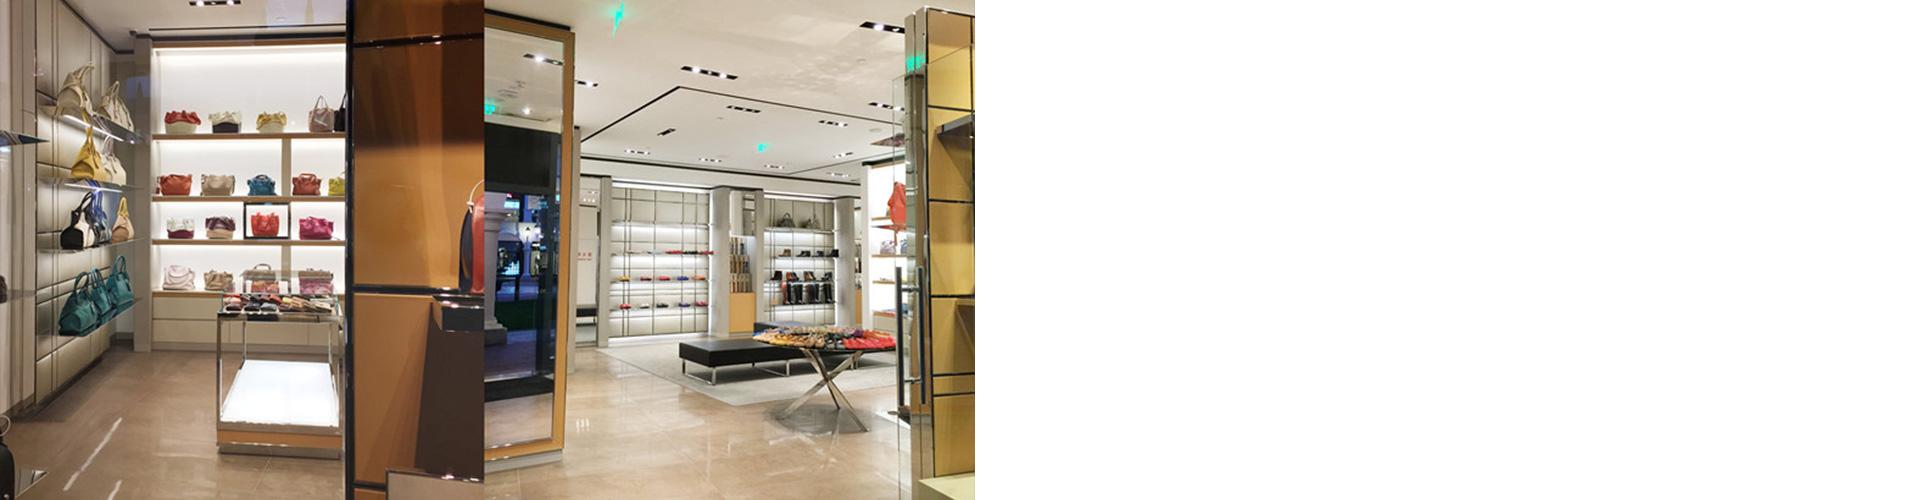 上海程和道具设计制作有限公司